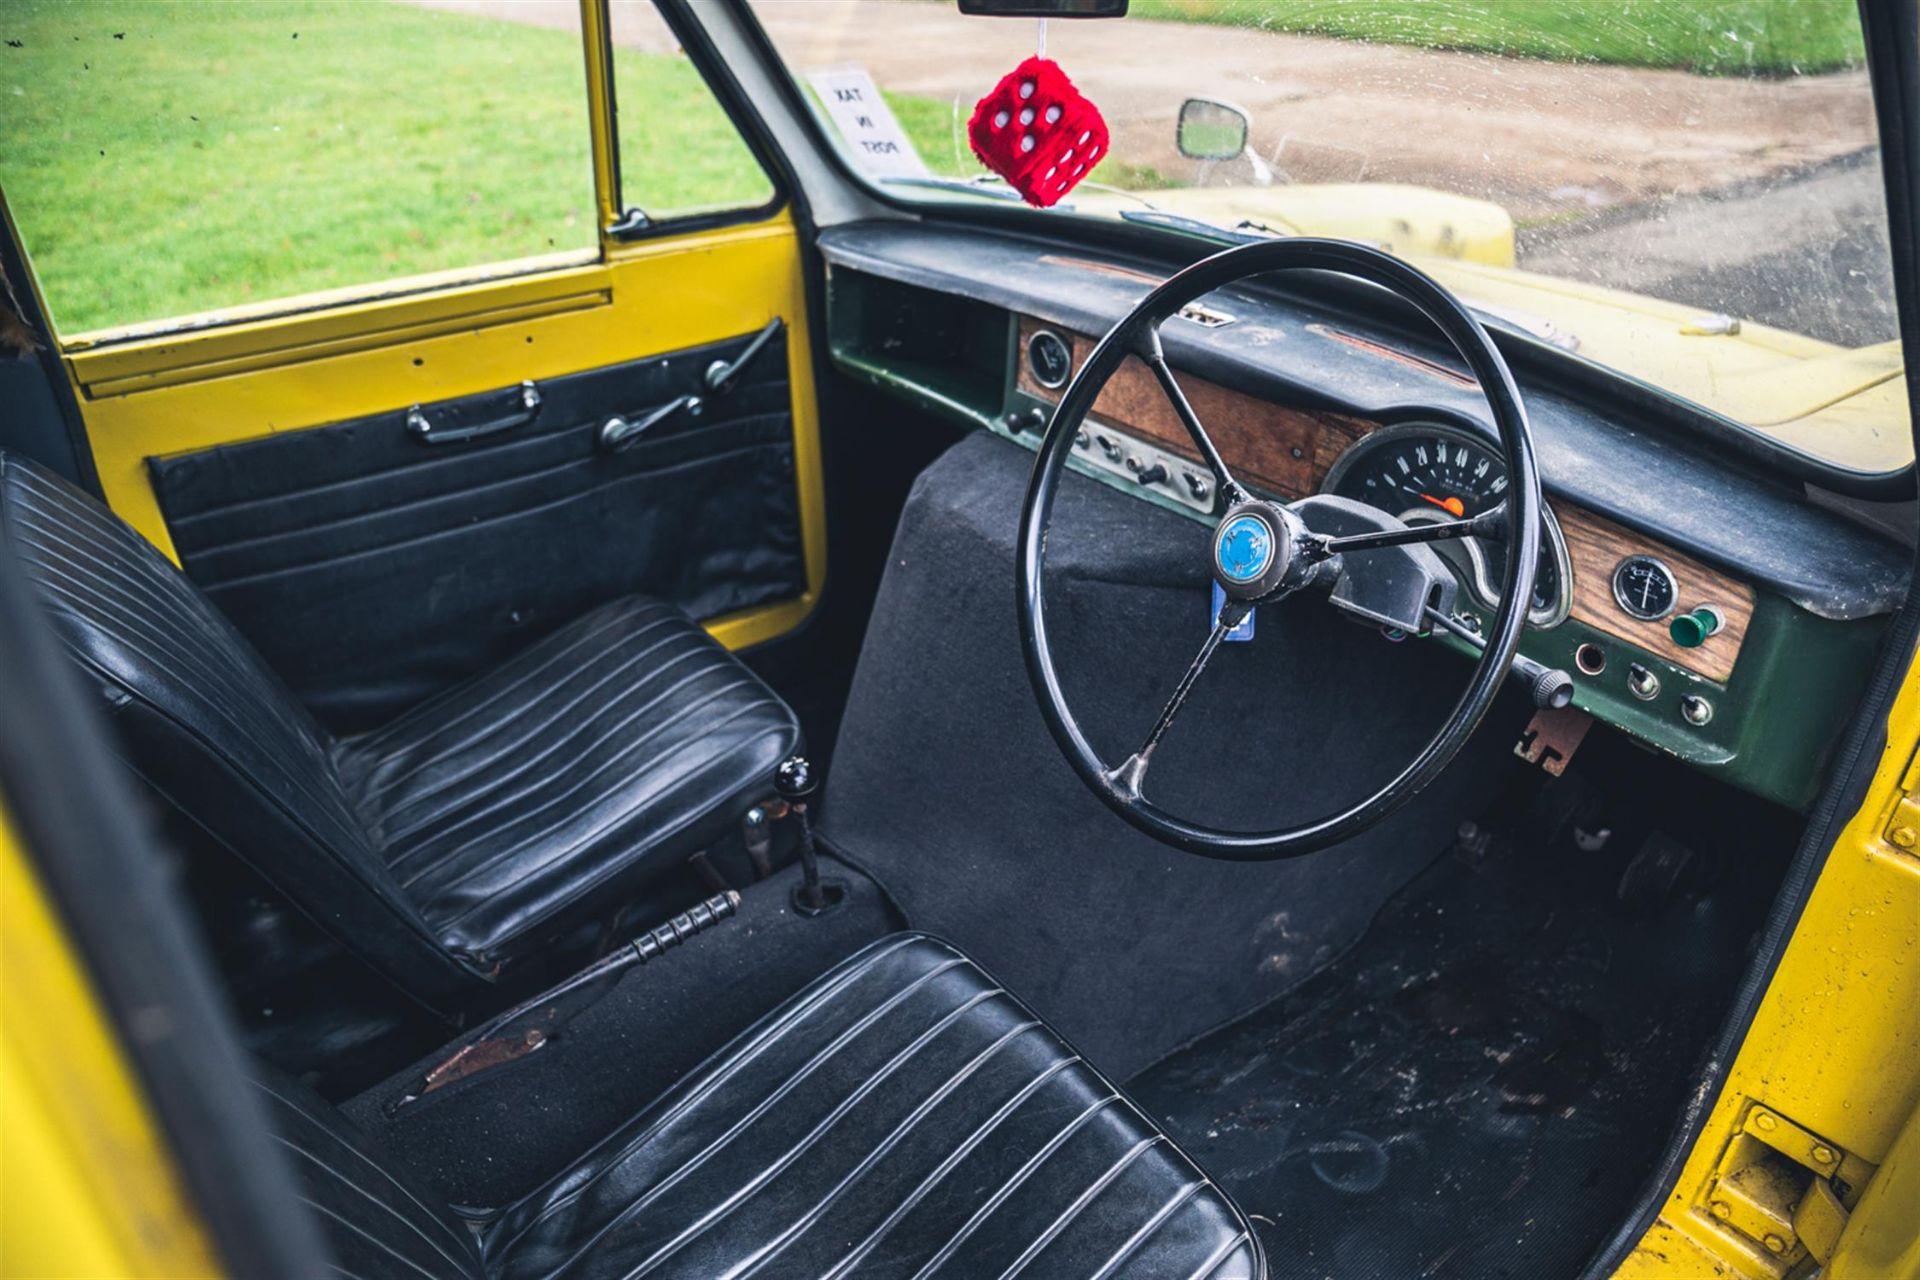 1972 Reliant Regal Supervan III (Trotters Independent Trading Van) - Image 2 of 10